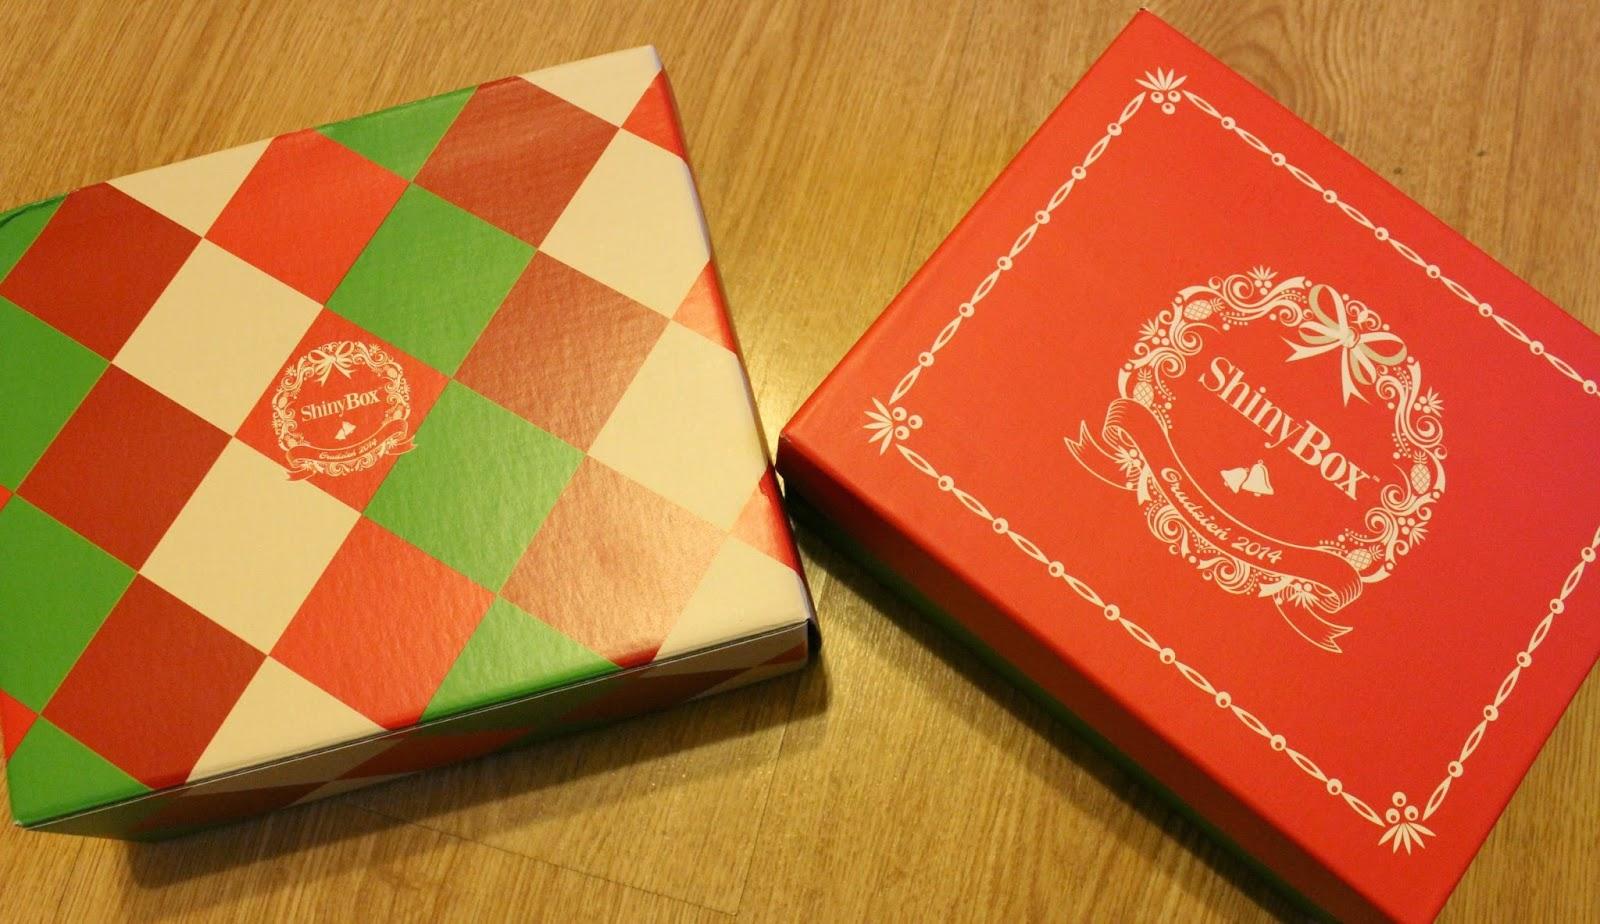 ShinyBox grudzień 2014 - Mówimy STOP nietrafionym prezentom!